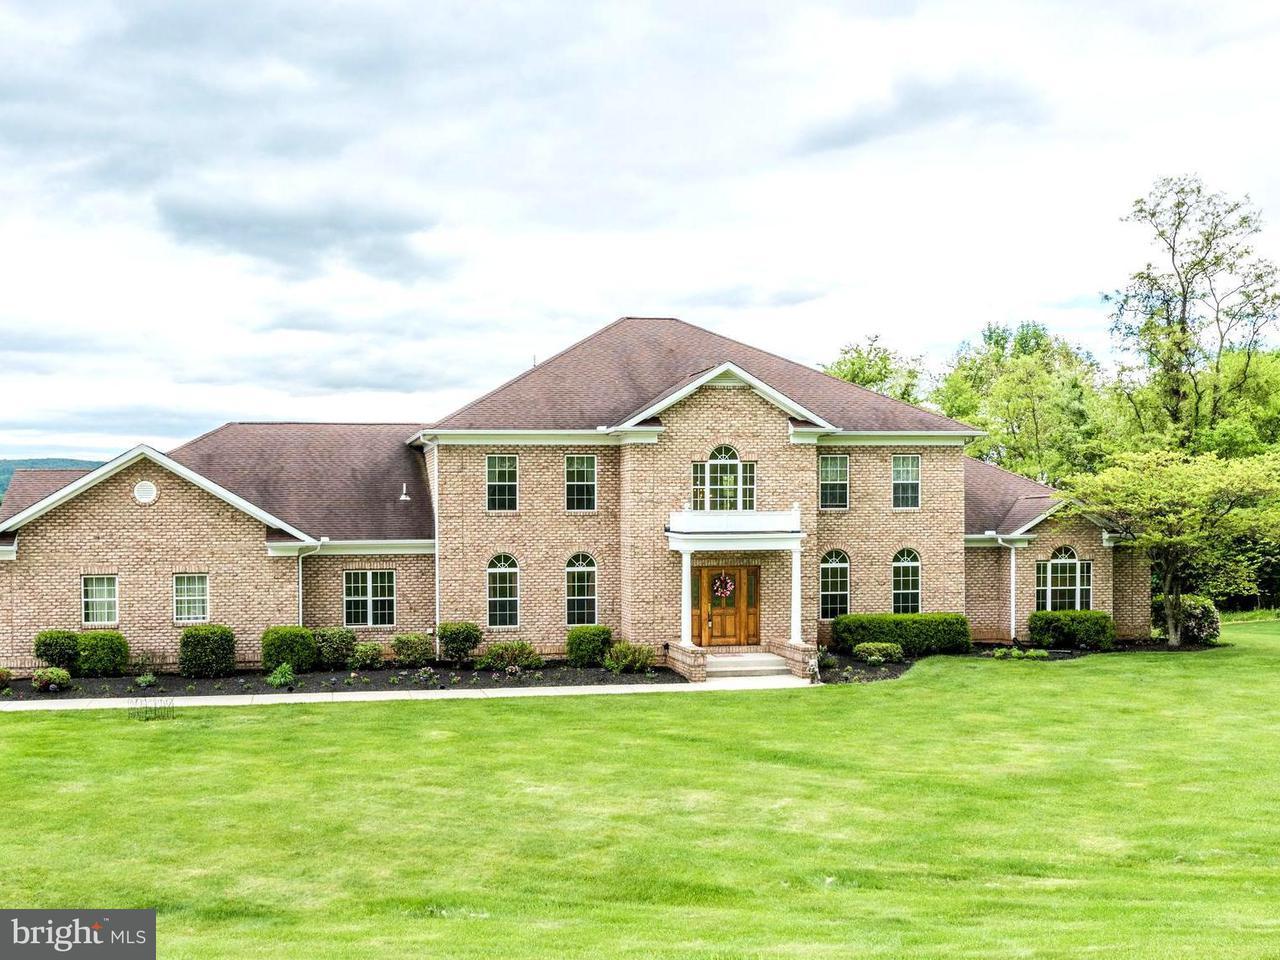 Maison unifamiliale pour l Vente à 10727 EASTERDAY Road 10727 EASTERDAY Road Myersville, Maryland 21773 États-Unis